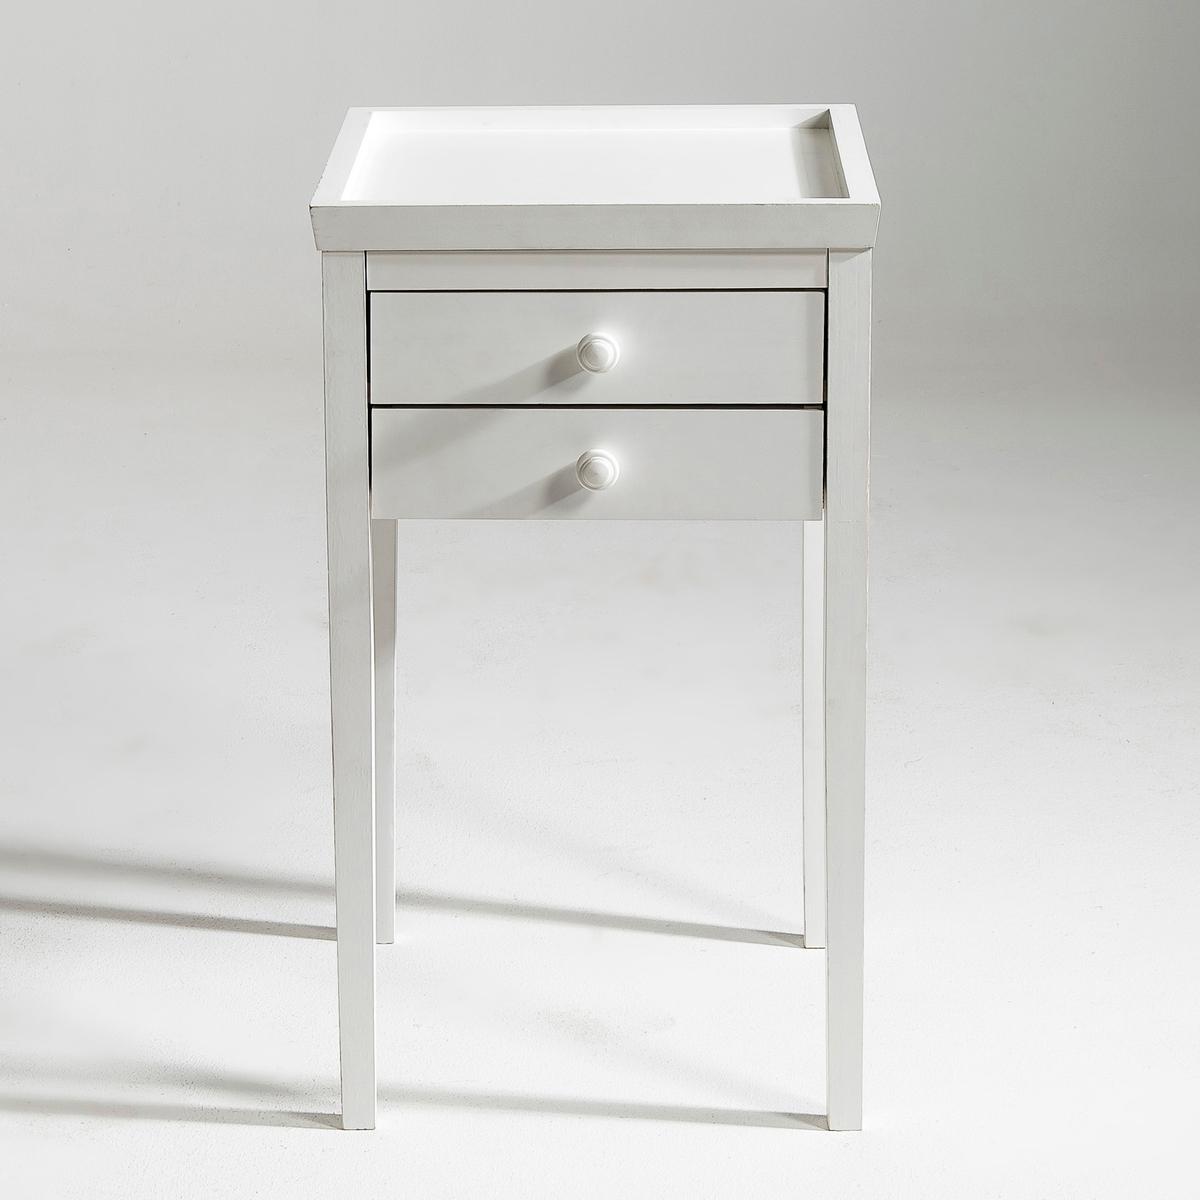 Прикроватный столик Alex, 3 варианта отделкиПрикроватный столик Alex. Практичный столик, 2 маленьких ящика.Характеристики :- Из массива сосны без обработки под покраску, покрытие нитролаком белого или светло-серого цвета.- Мебель под окраску. Для оптимального результата рекомендуем сначала покрыть нашу мебель грунтовкой, а после нанести 1-2 слоя краски. Описание :- 2 ящика- Данная модель легко собирается, инструкция по сборке прилагается. Размеры  :- Шир. 40 x Выс. 70 x Гл. 40 см.- Размеры ящика : Шир. 30 x Выс. 5,5 x Гл. 27,5 см.- Вес : 6,9 кгРазмеры и вес упаковки :- Шир. 97 x Выс. 9,5 x Гл. 46 см, 8,5 кг<br><br>Цвет: белый,светло-серый<br>Размер: единый размер.единый размер